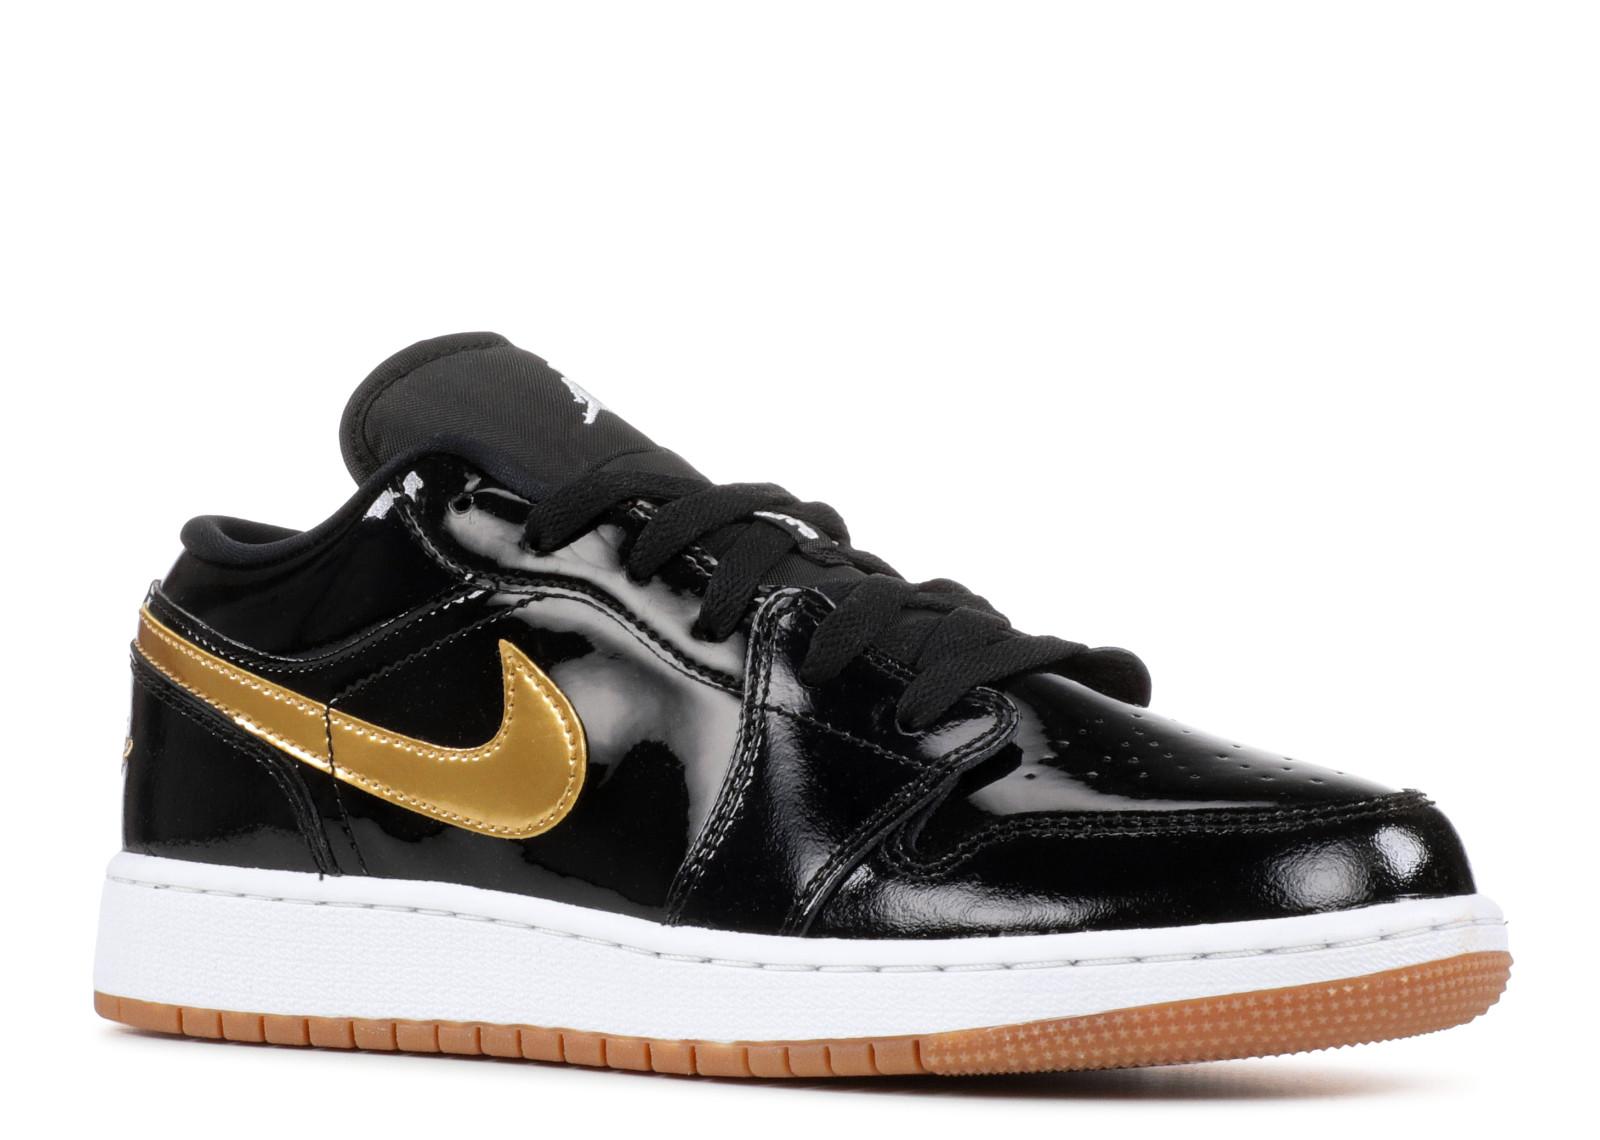 Air Jordan 1 Low Gg 'Patent Leather